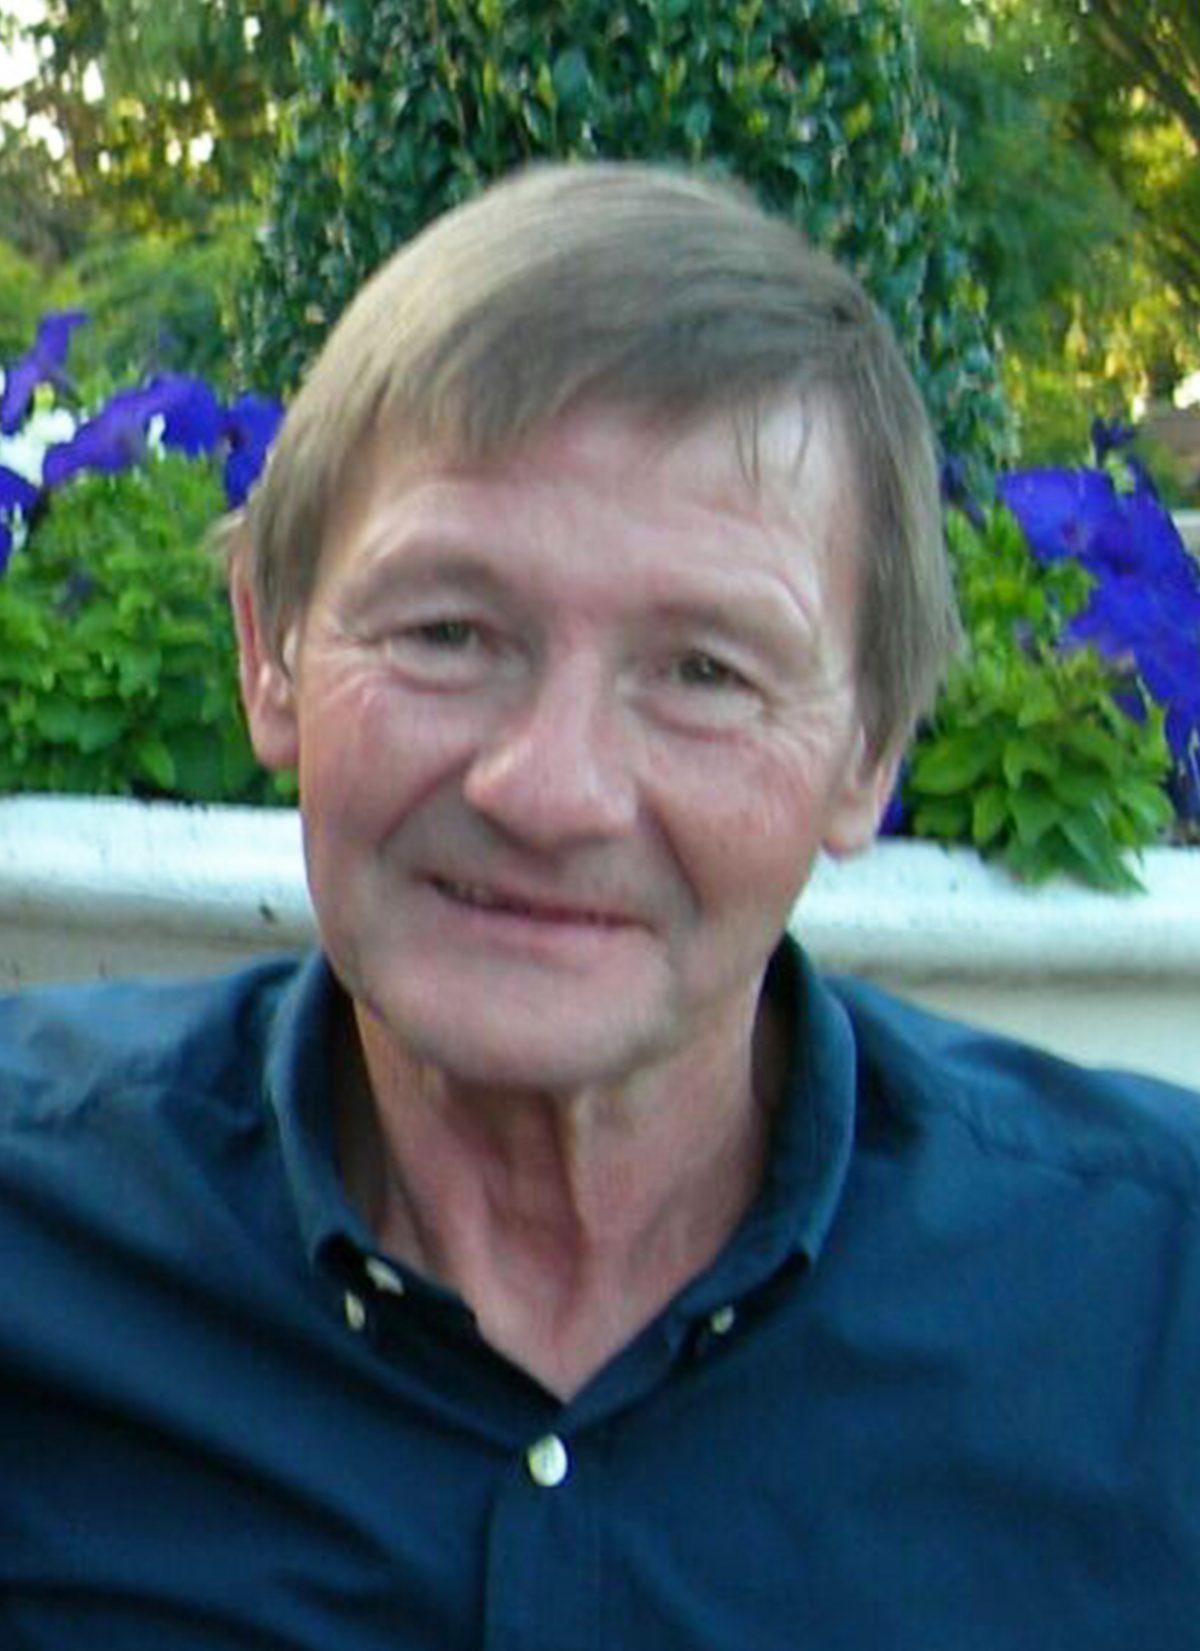 Leon Schroeders